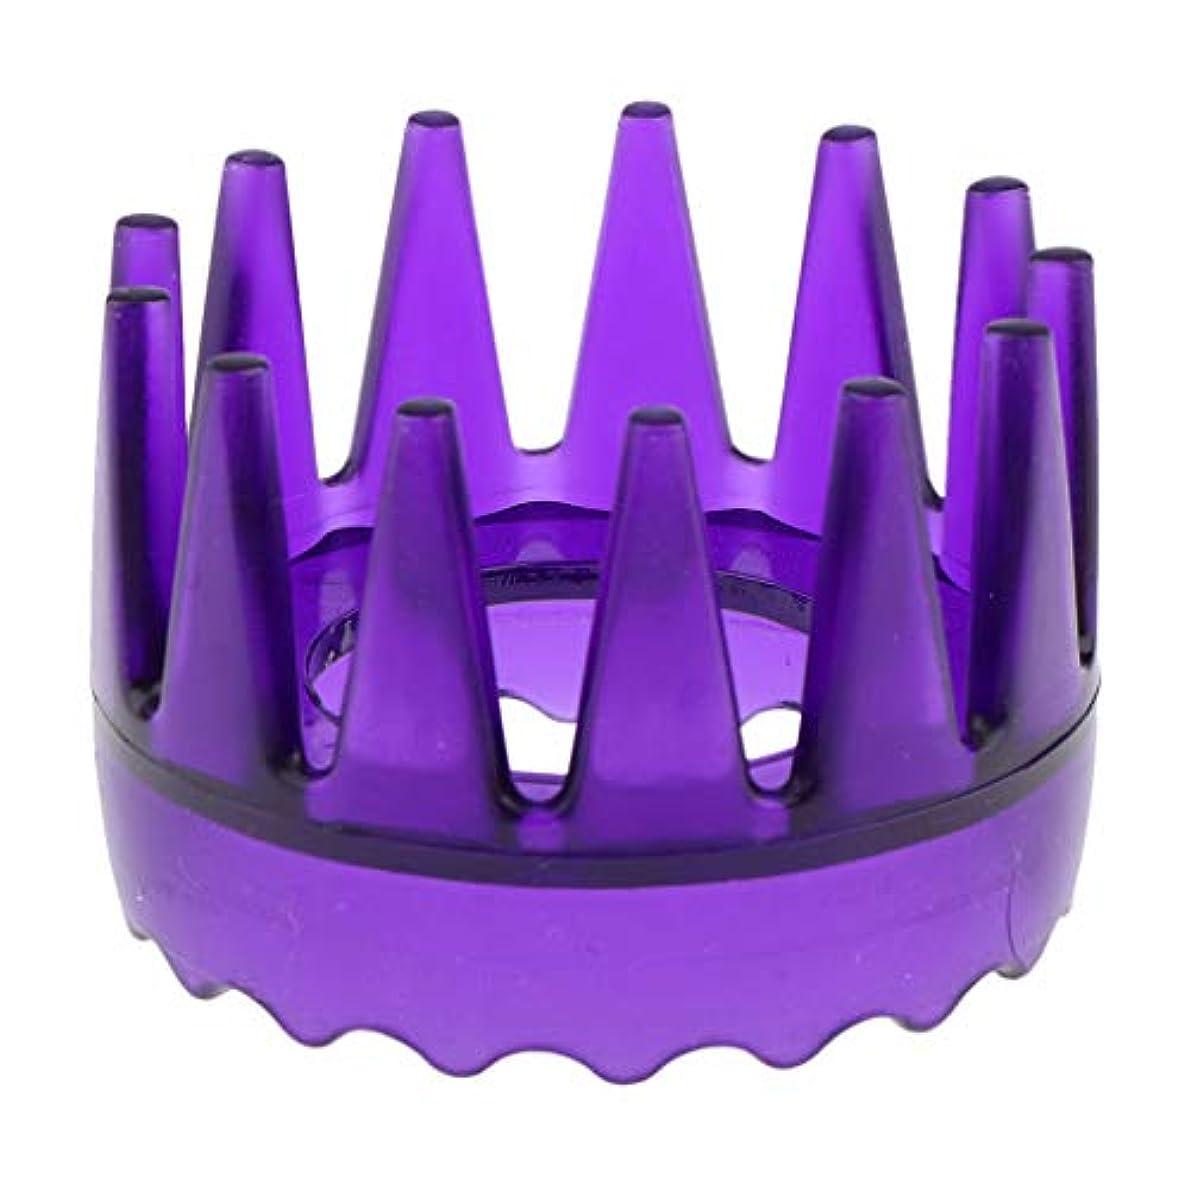 のモッキンバード失礼T TOOYFUL 頭皮マッサージブラシ ヘアブラシ ヘアコーム ヘアケア シャワー 洗髪櫛 滑り止め 全4色 - 紫